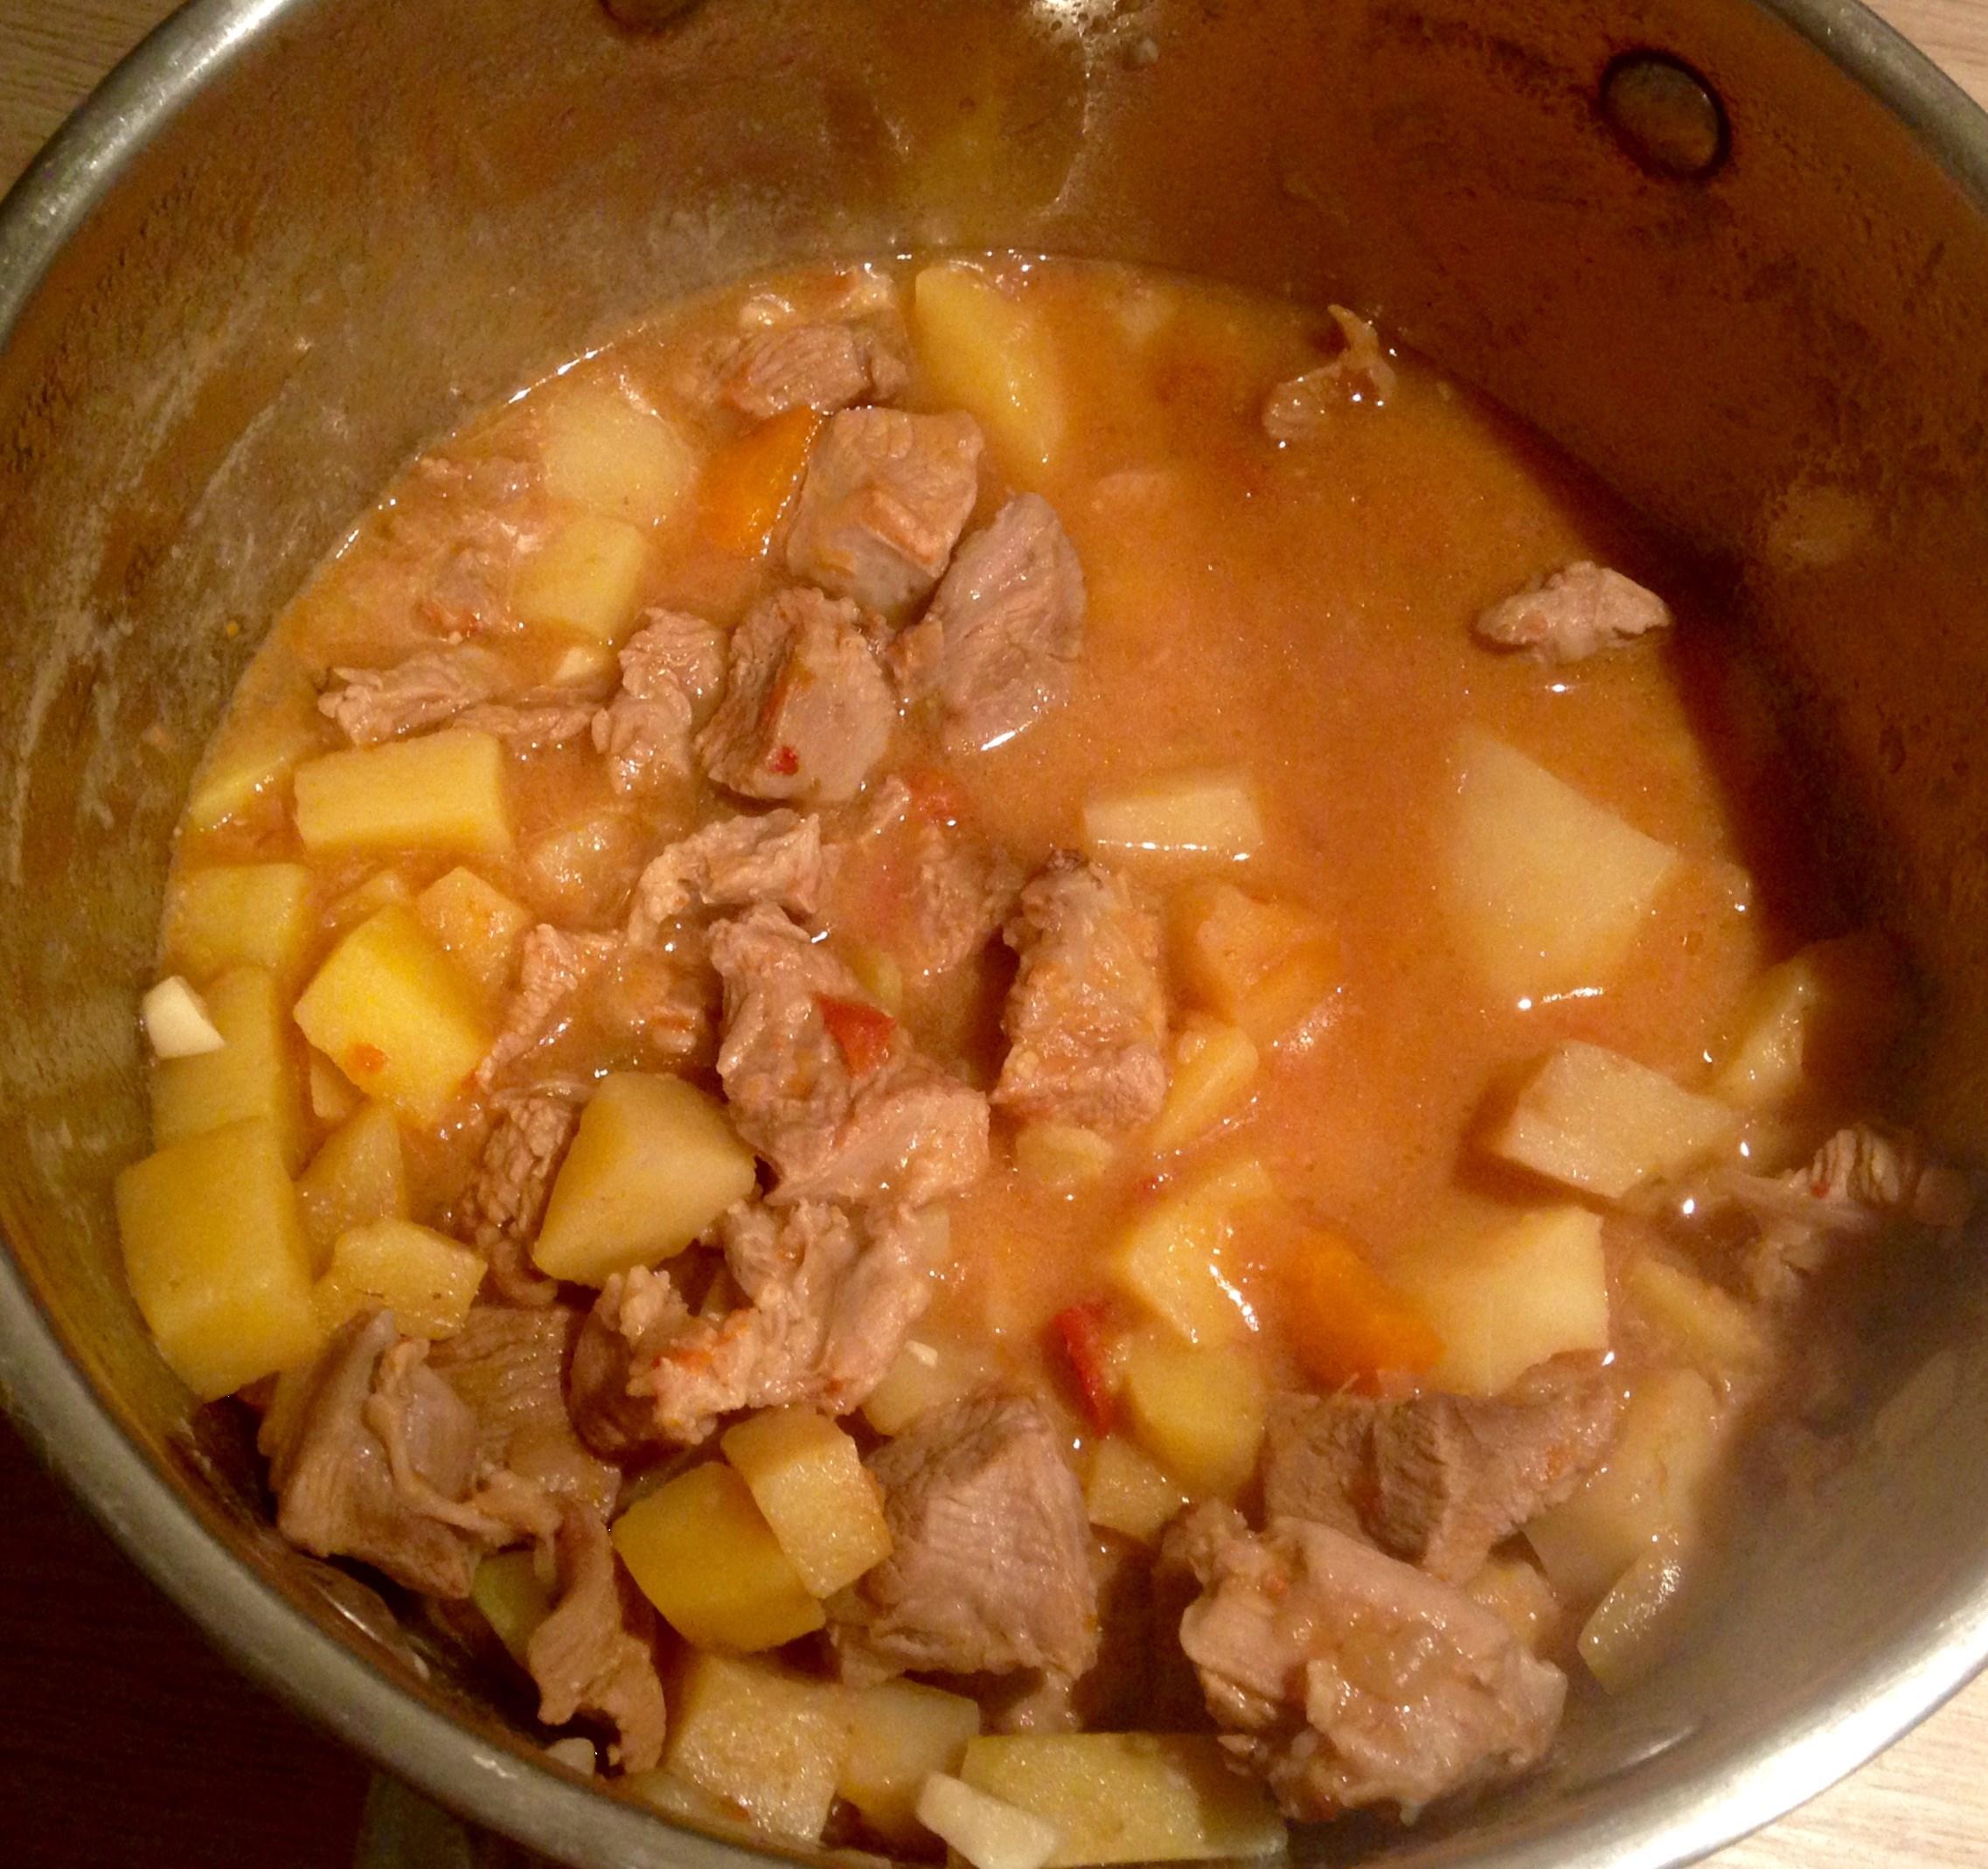 Картошка тушеная с индейкой в кастрюле рецепт